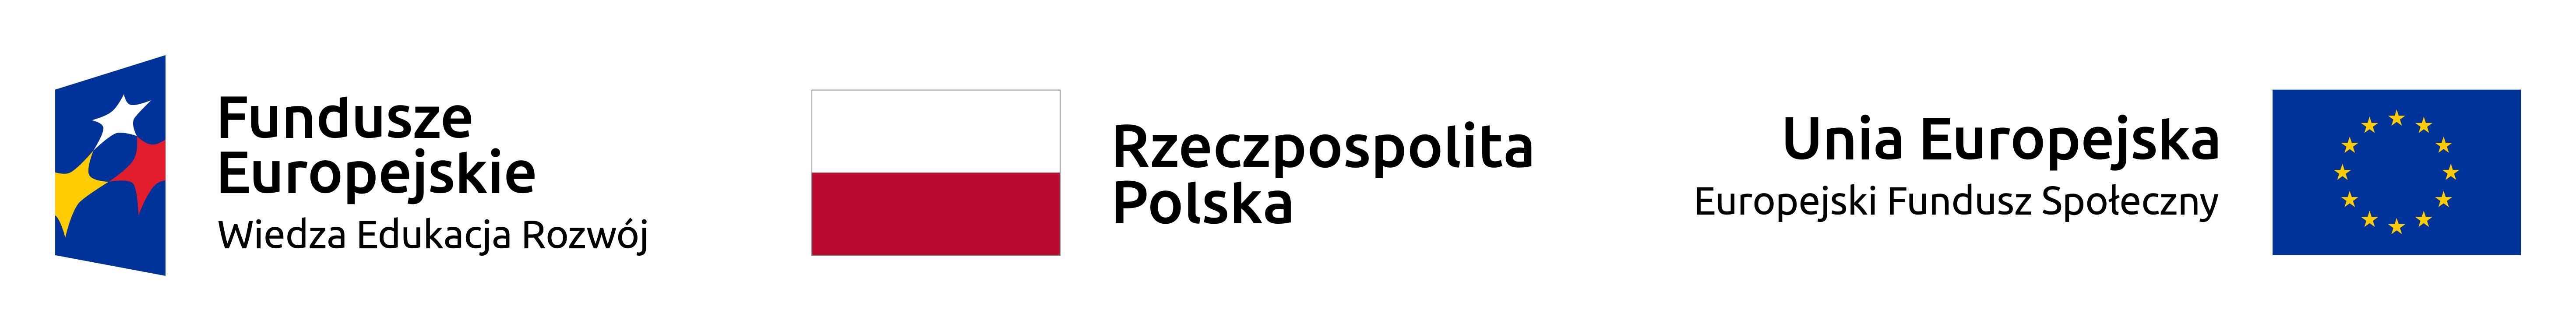 Znak Funduszy Europejskich z nazwą programu, barwy Rzeczpospolitej Polskiej, znak Unii Europejskiej z nazwą Europejski Fundusz Społeczny